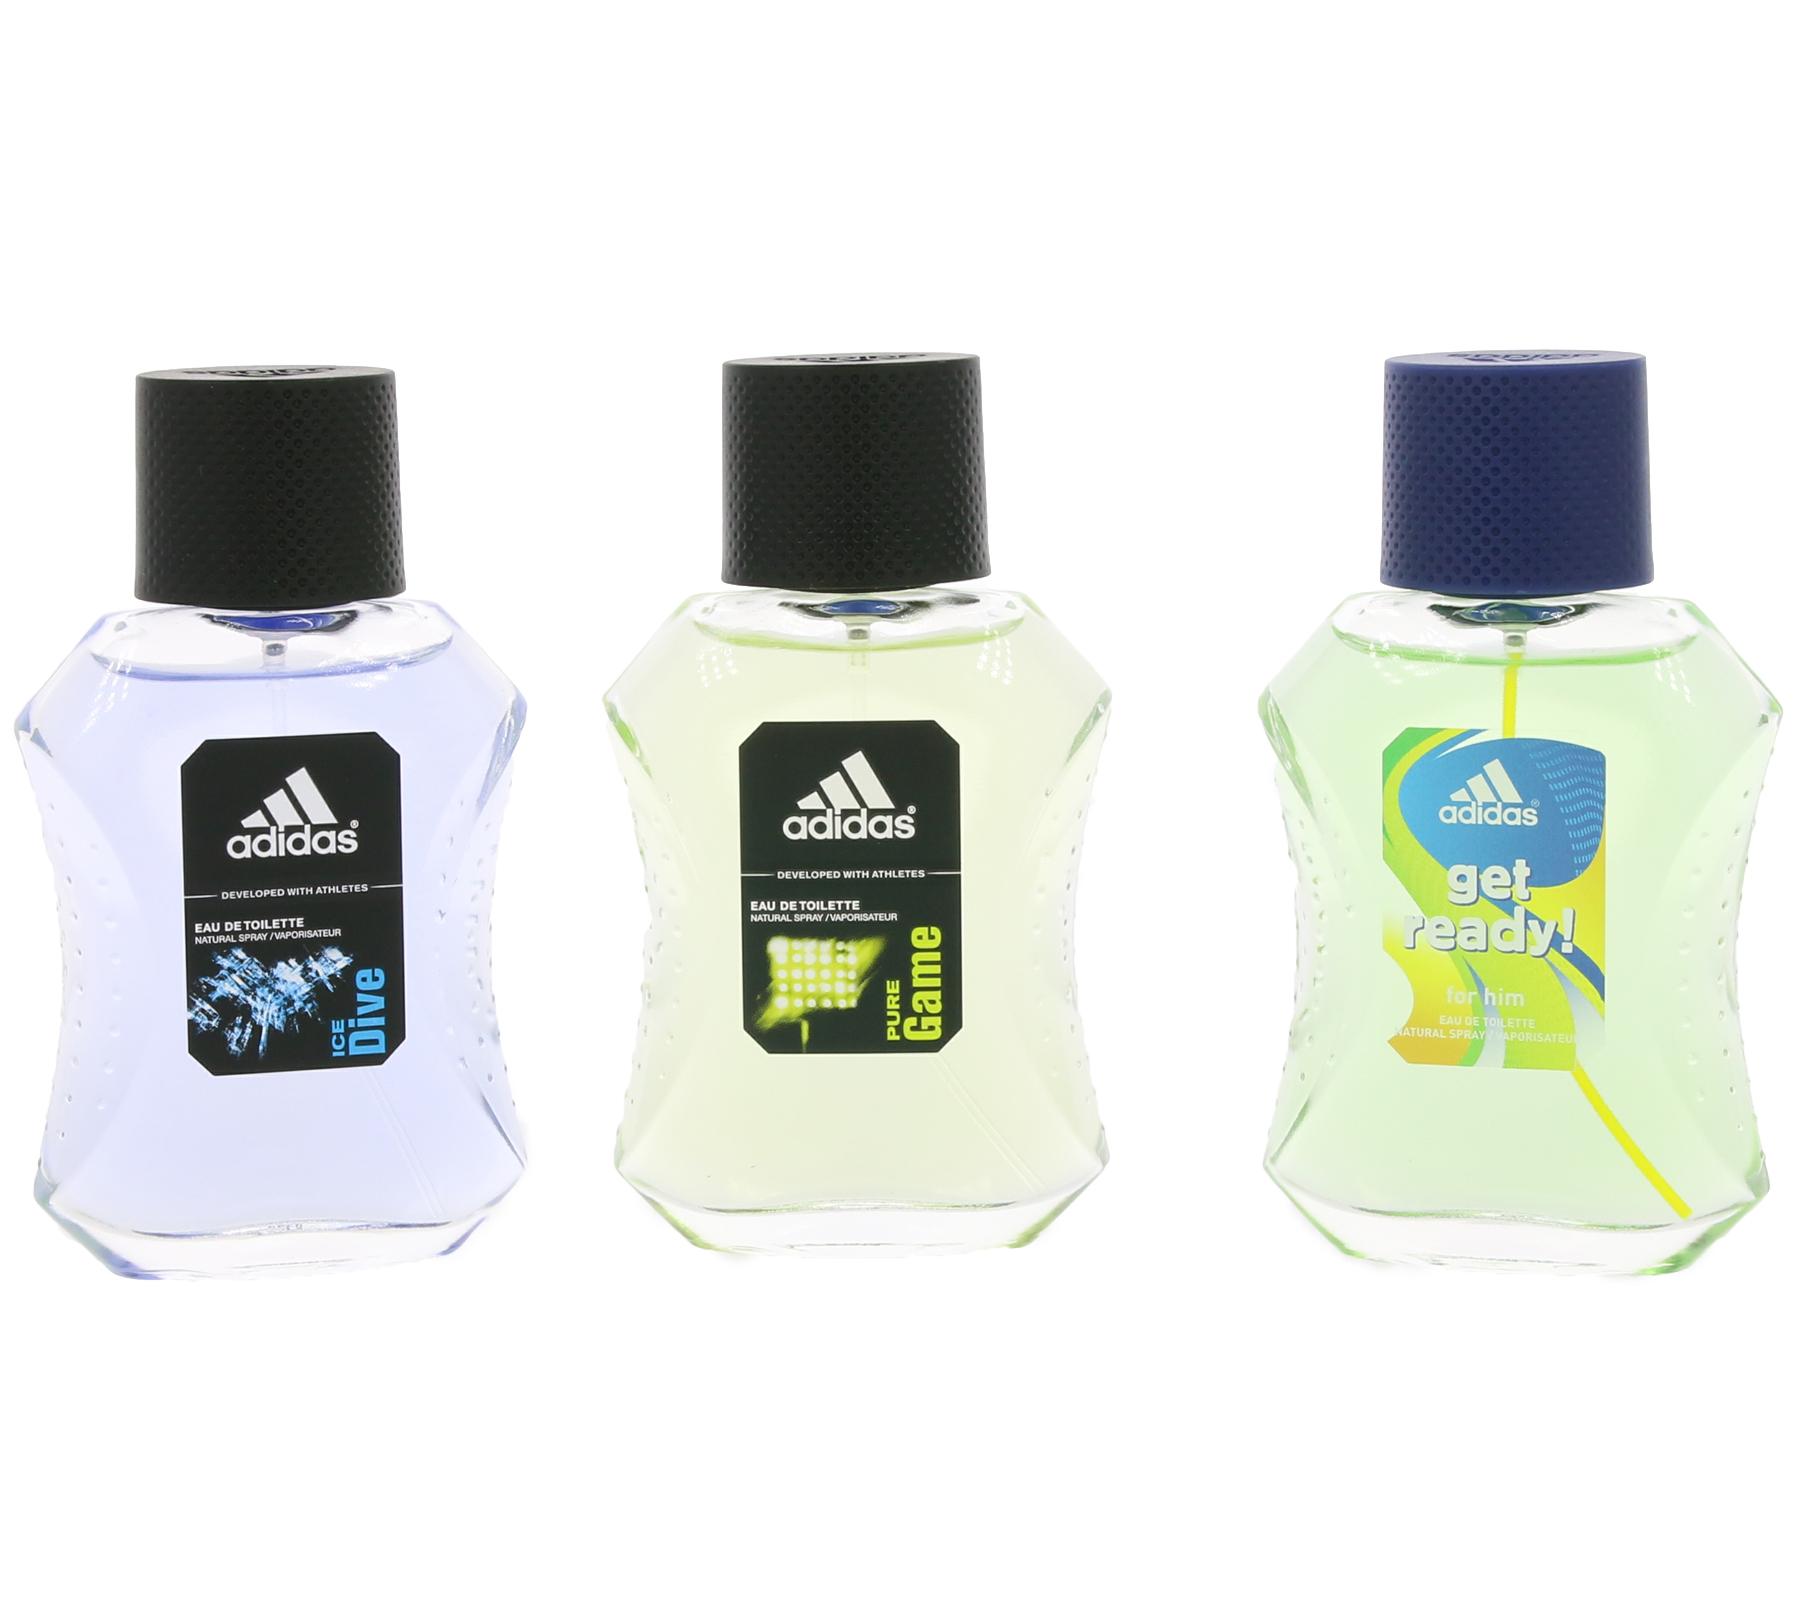 adidas eau de toilette natural spray geschenkset parf m. Black Bedroom Furniture Sets. Home Design Ideas